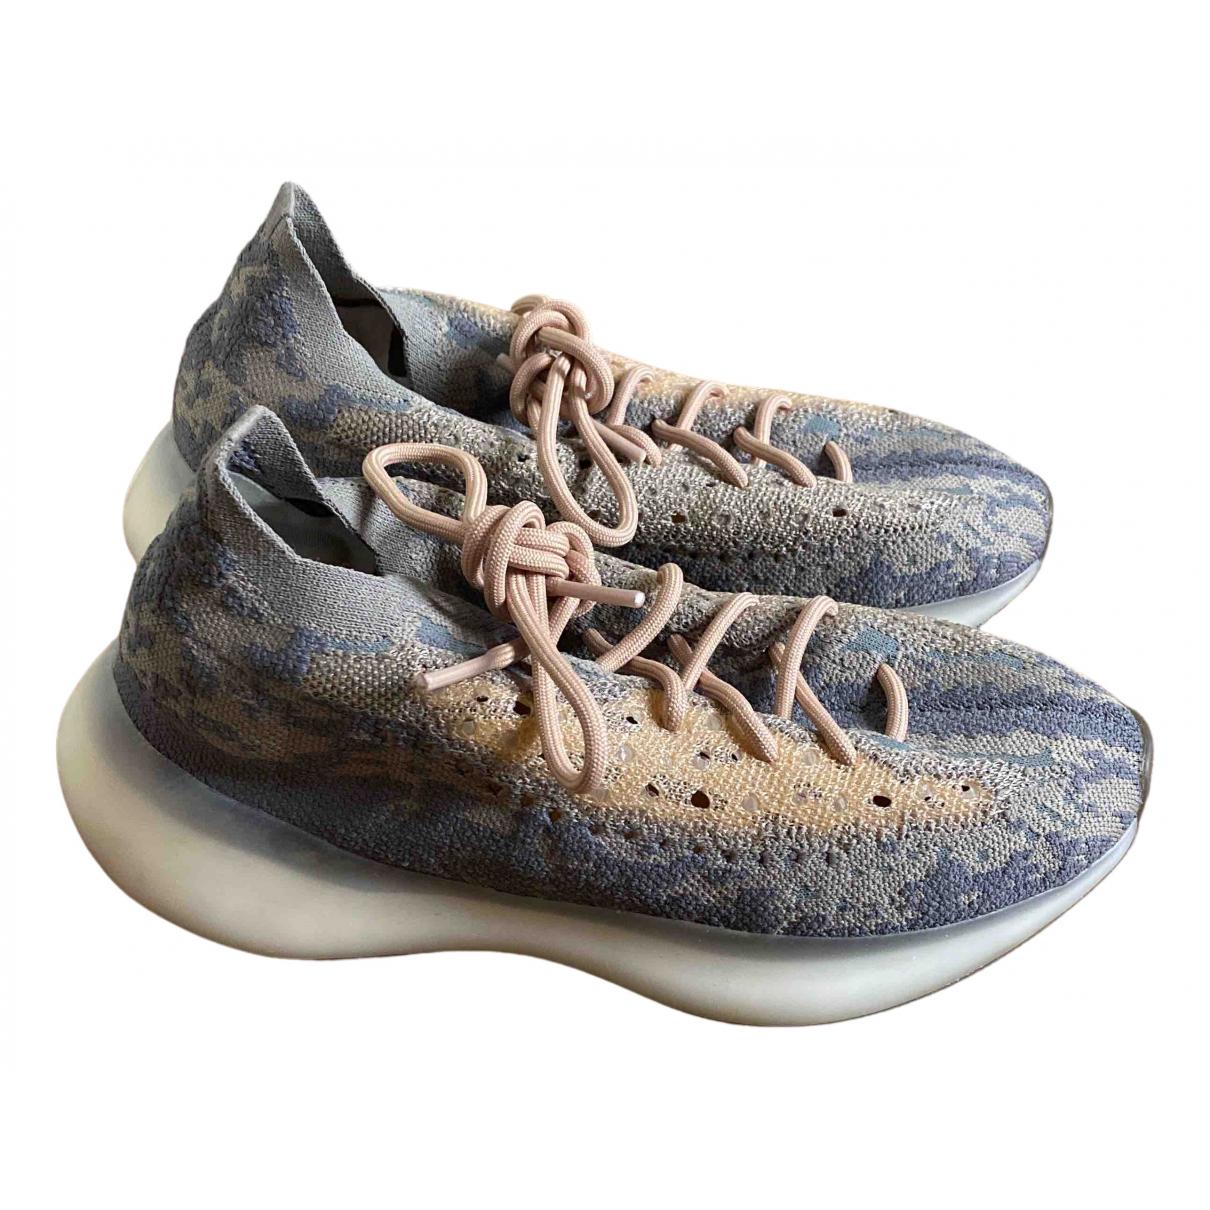 Yeezy X Adidas Boost 380 Sneakers in  Bunt Leinen